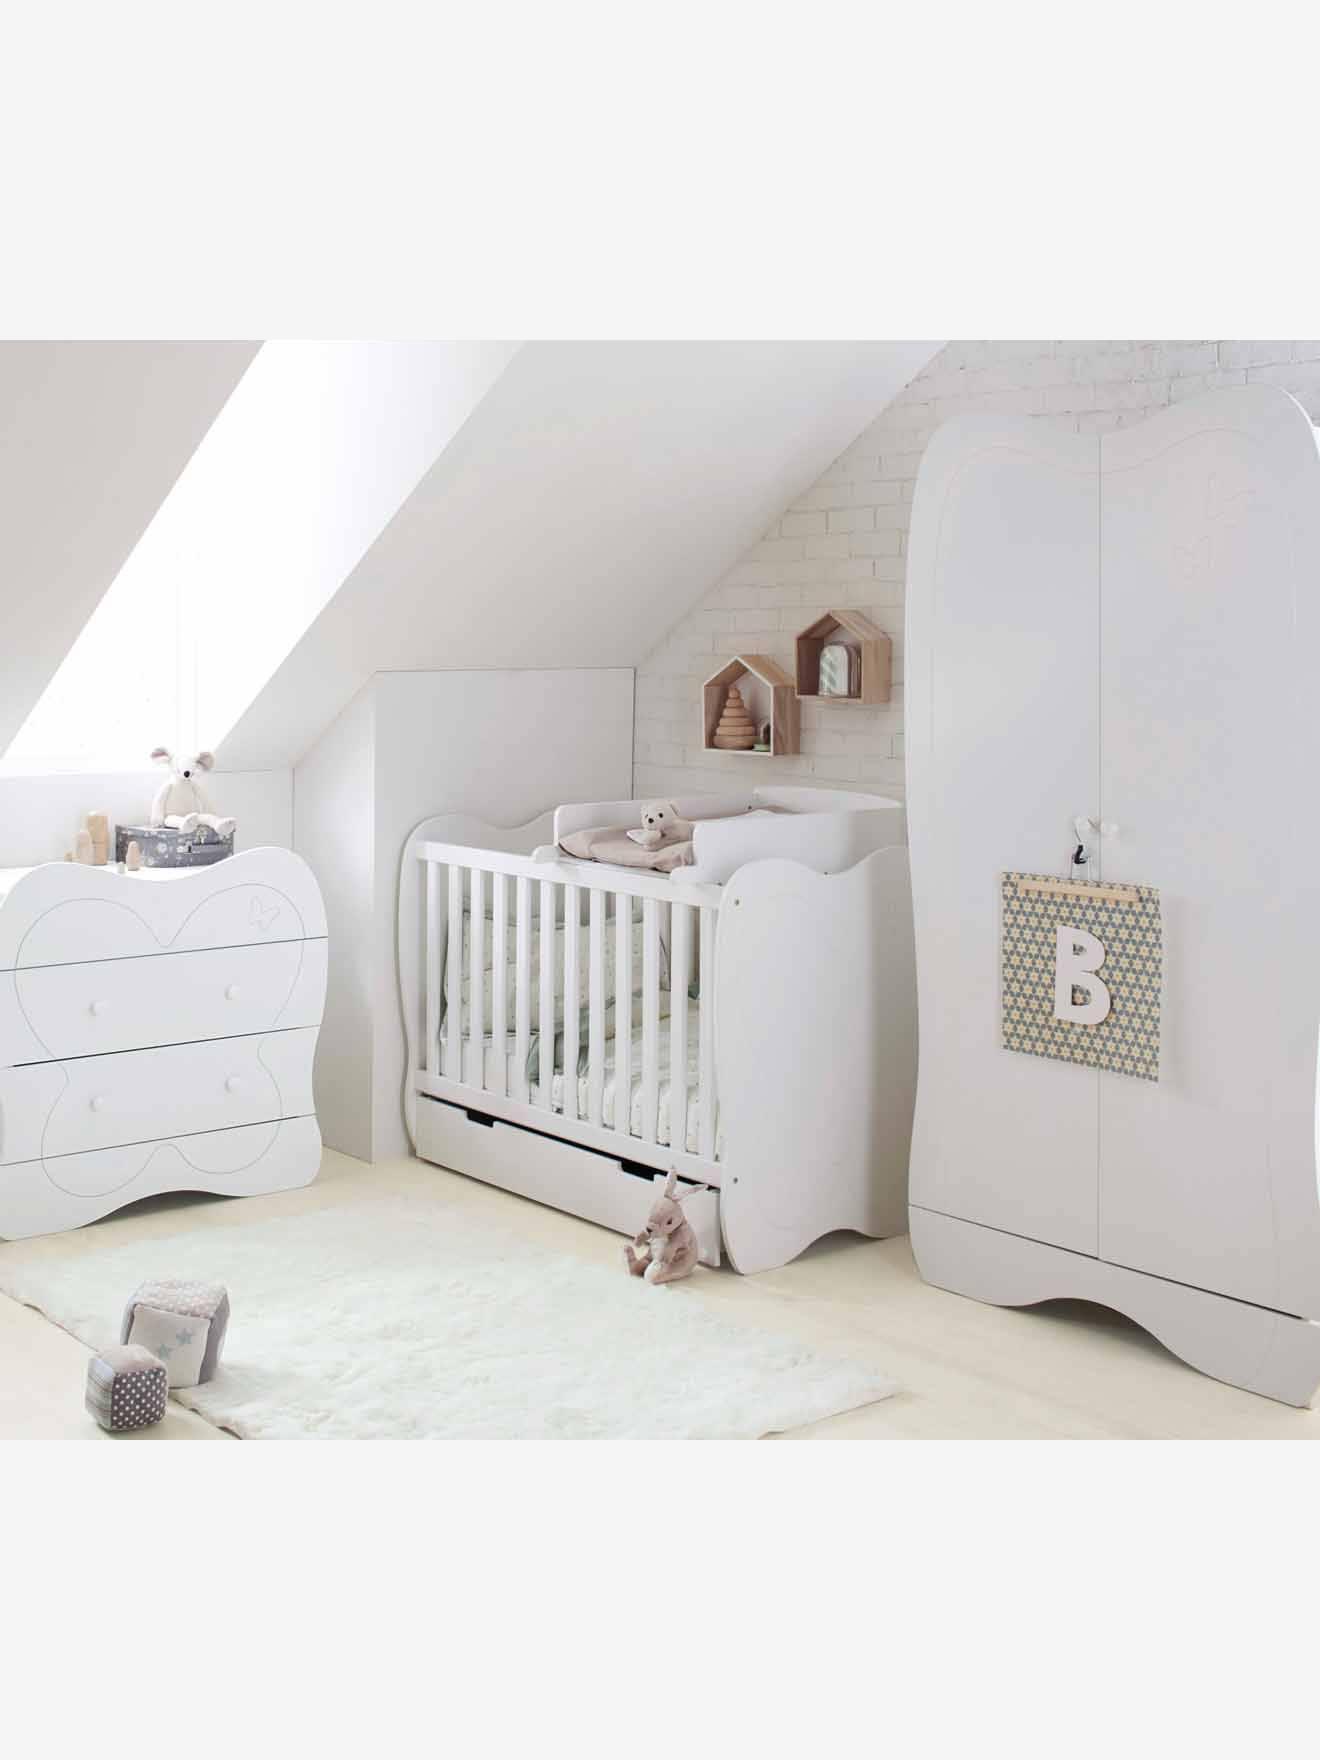 lit boheme vertbaudet affordable indogatecom cuisine moderne marocaine bois with lit boheme. Black Bedroom Furniture Sets. Home Design Ideas